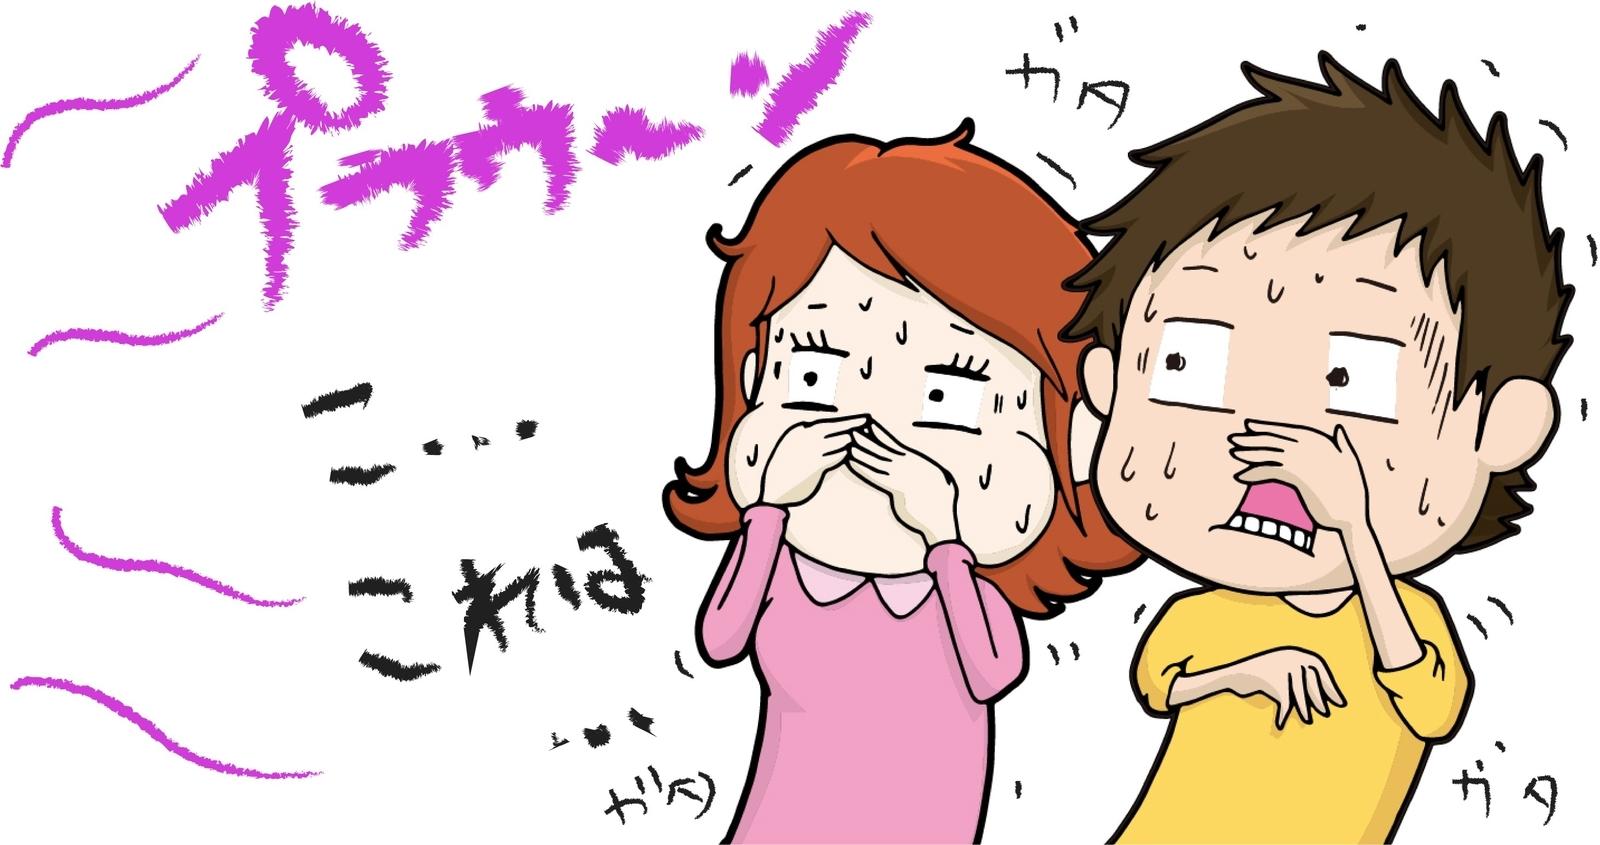 花太郎BLOG_美しき臭い花を調べていた(´・ω・`)